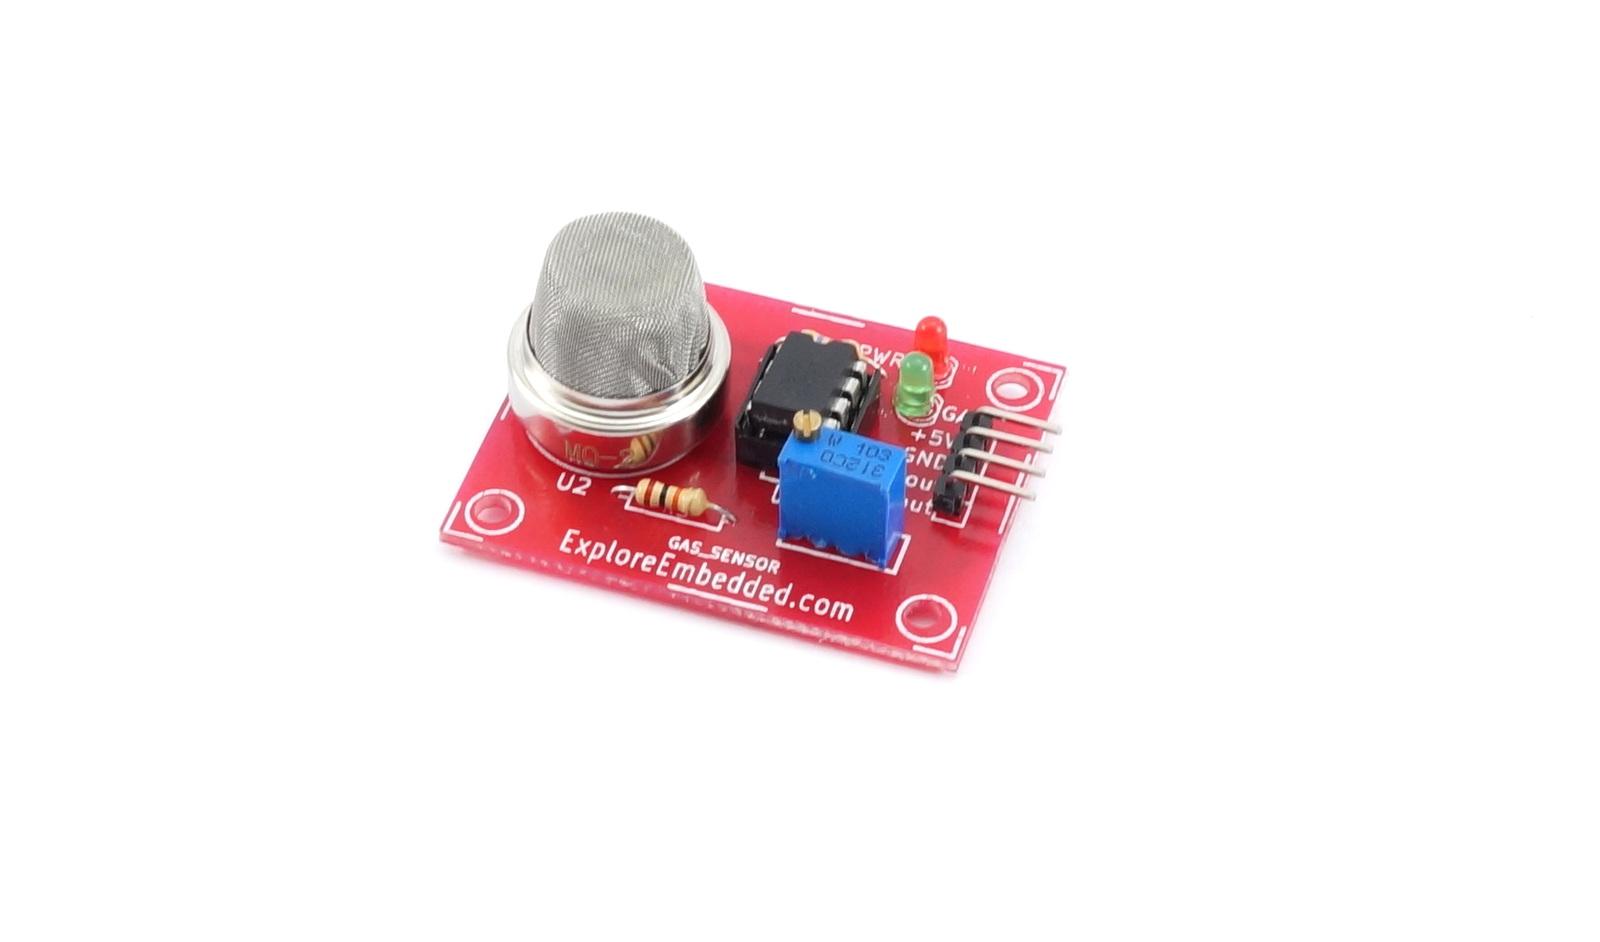 Smoke Sensor (MQ2) board - Tutorials